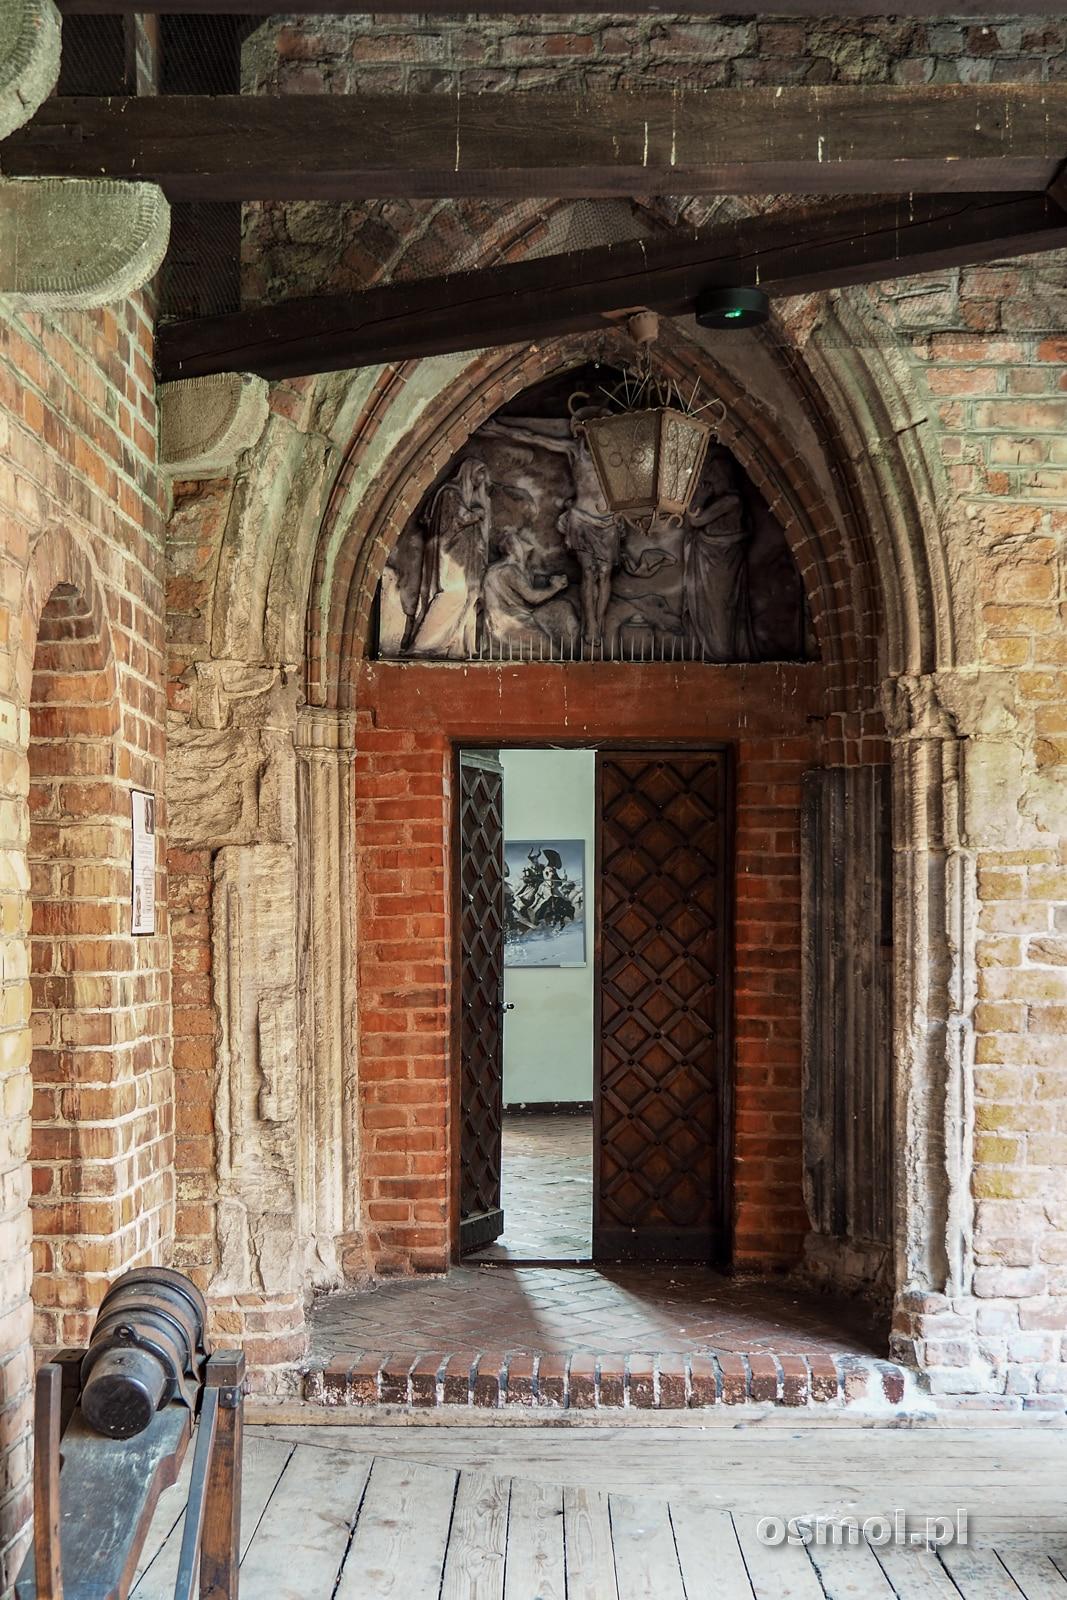 Ozdobny portal wiodący do zamkowej kaplicy